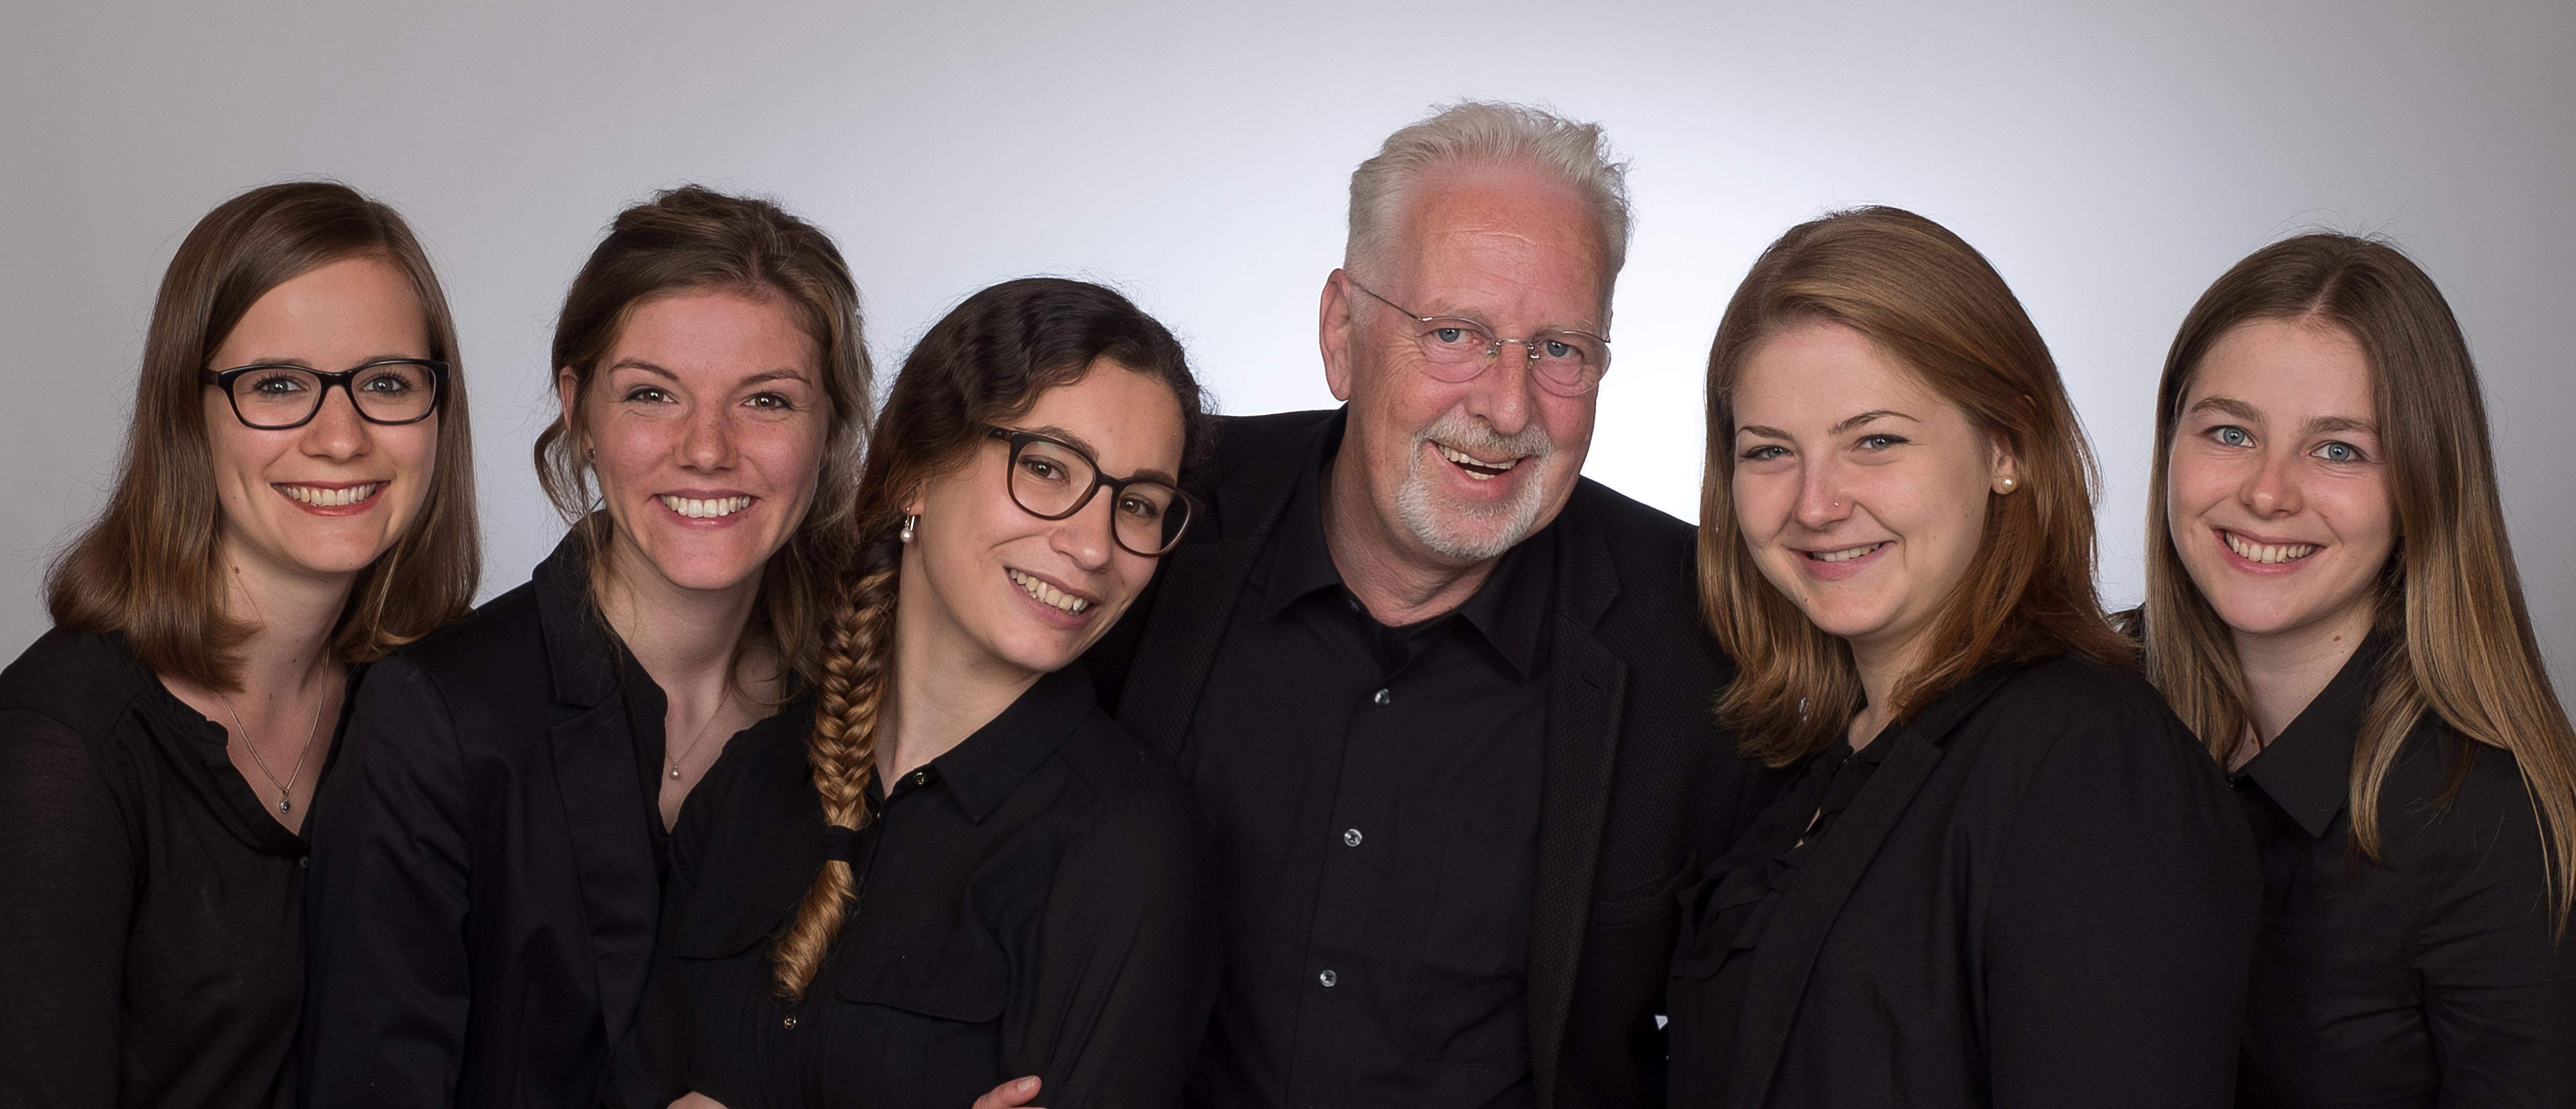 Das Team von Eckert-Seminare wünscht Ihnen ein schönes Fest!